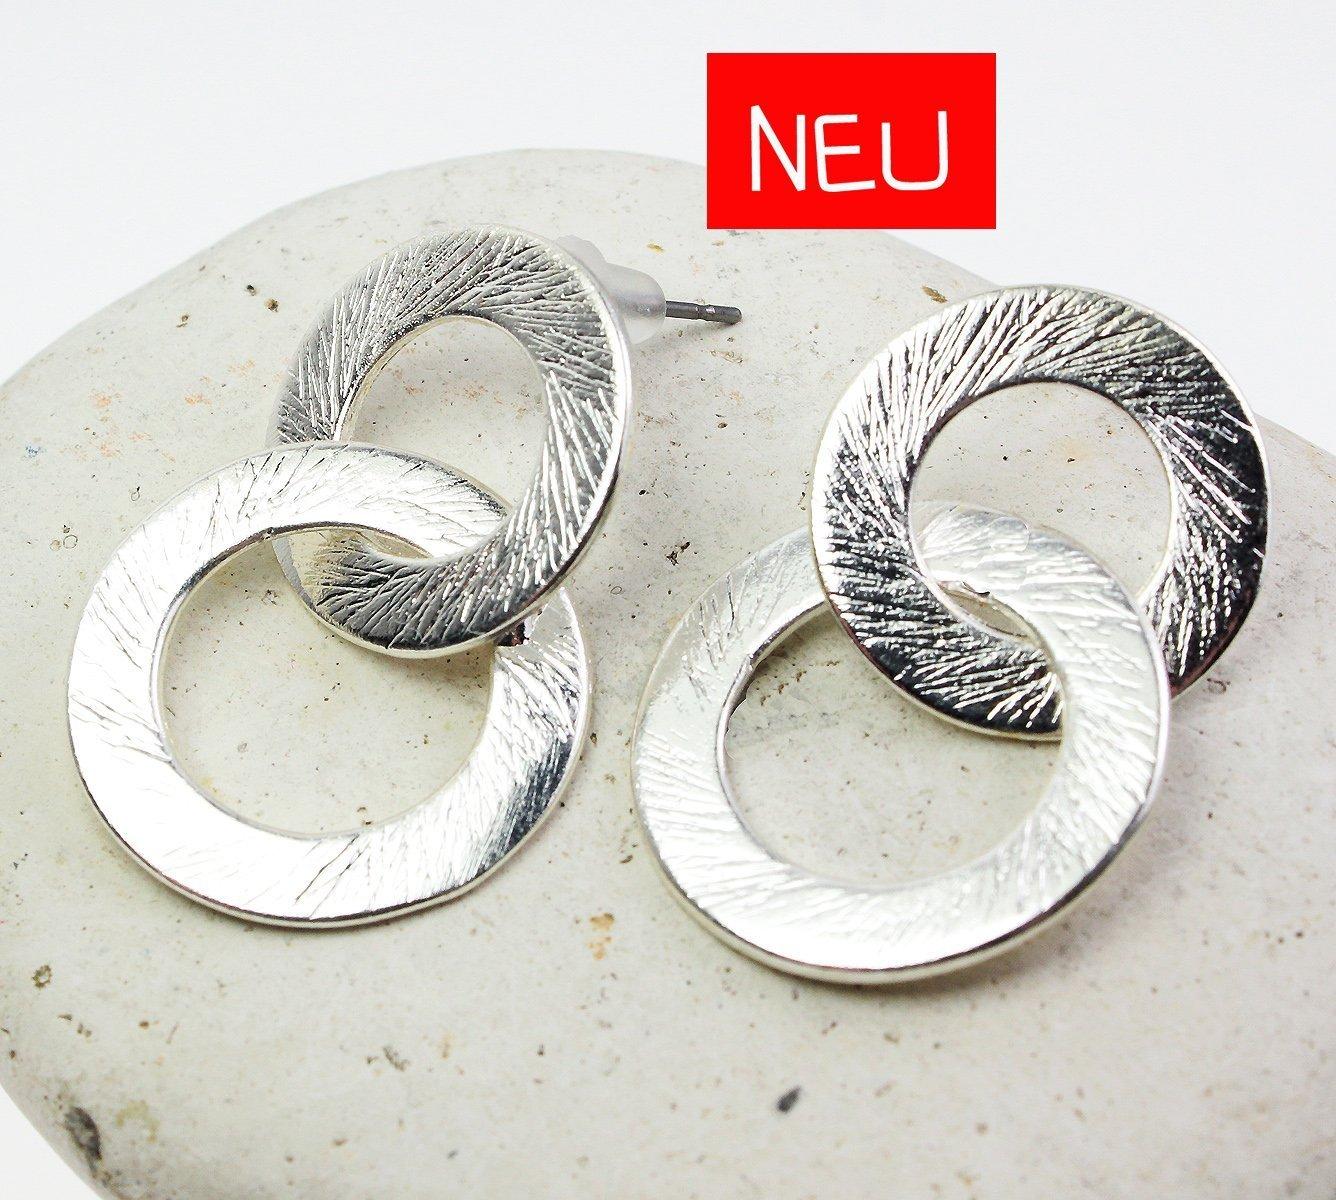 Ohrstecker Farbe: Silber Ohrringe matt Ringe Anhänger gebürstet schraffiert versilbert modern grafisch rund